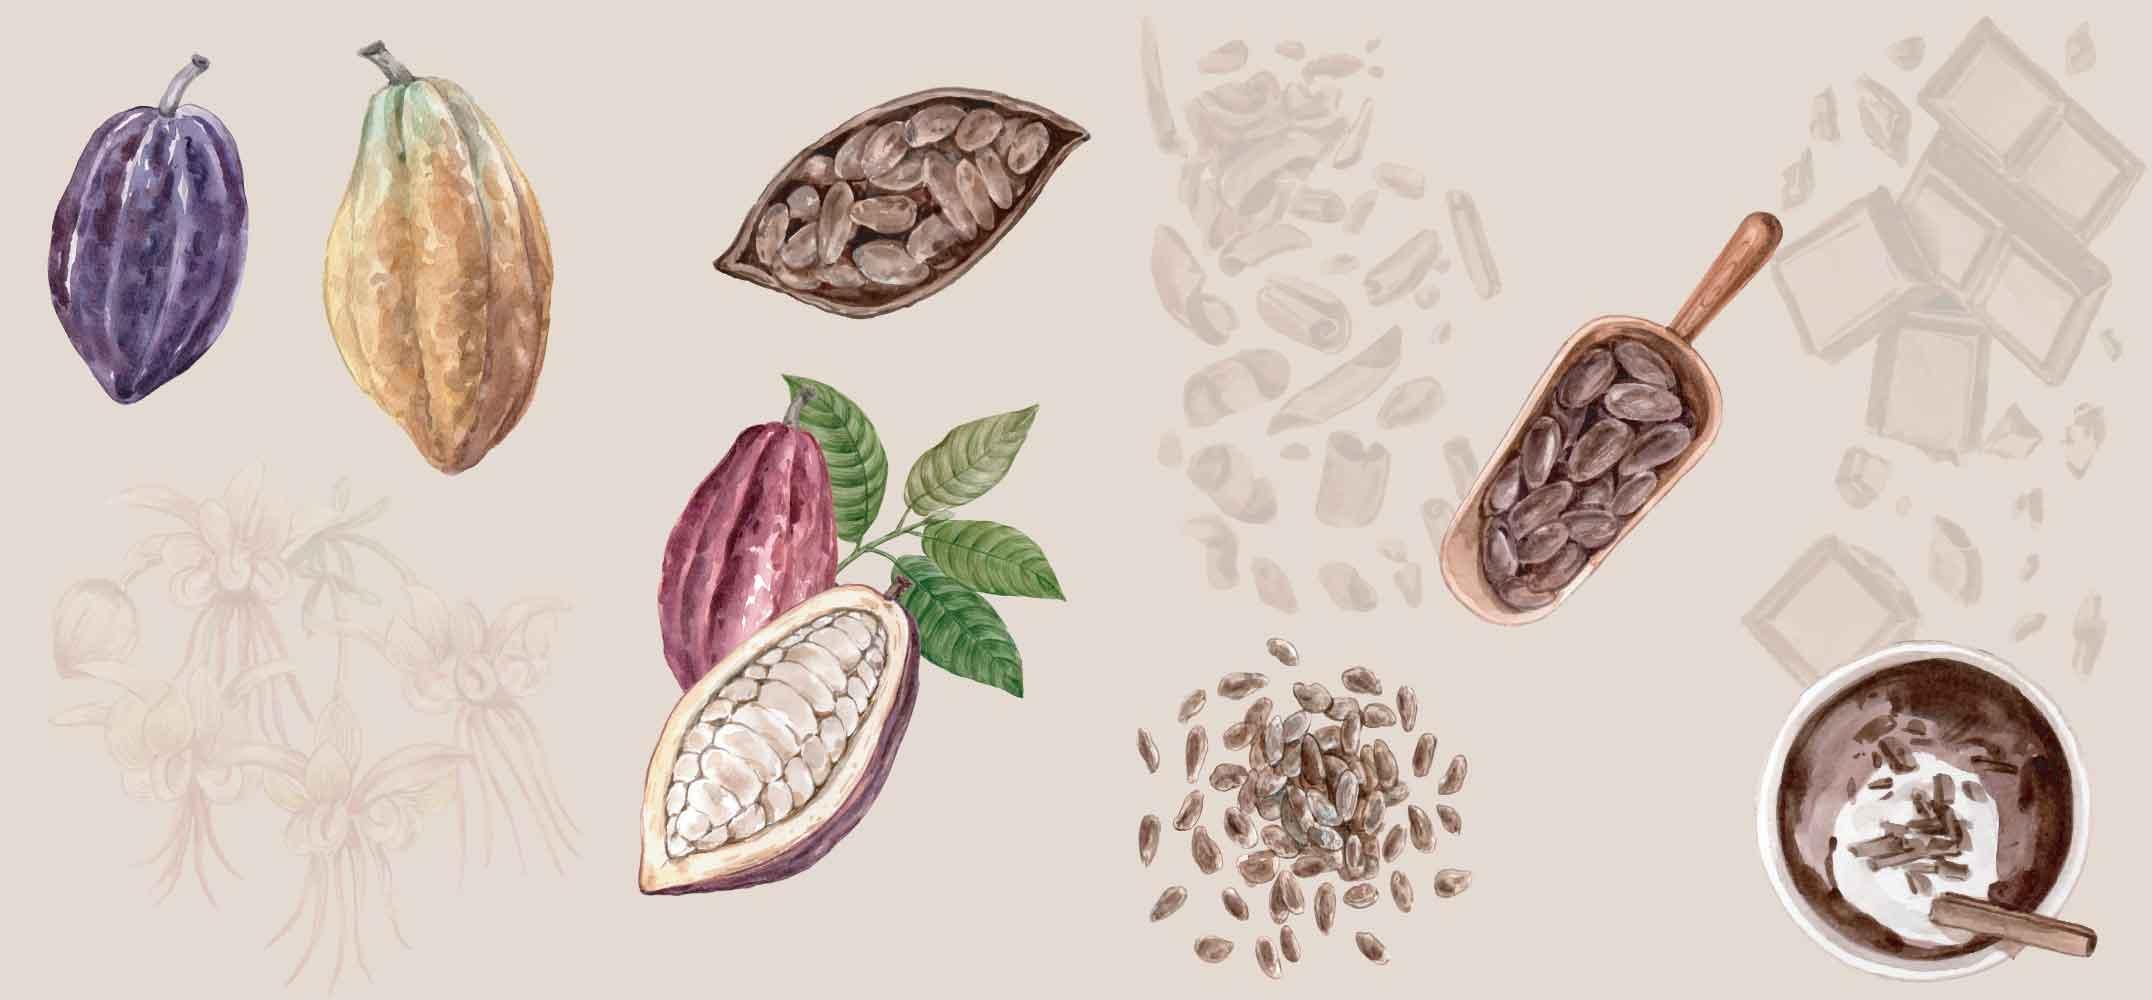 Der Ursprung der Kakaobohne